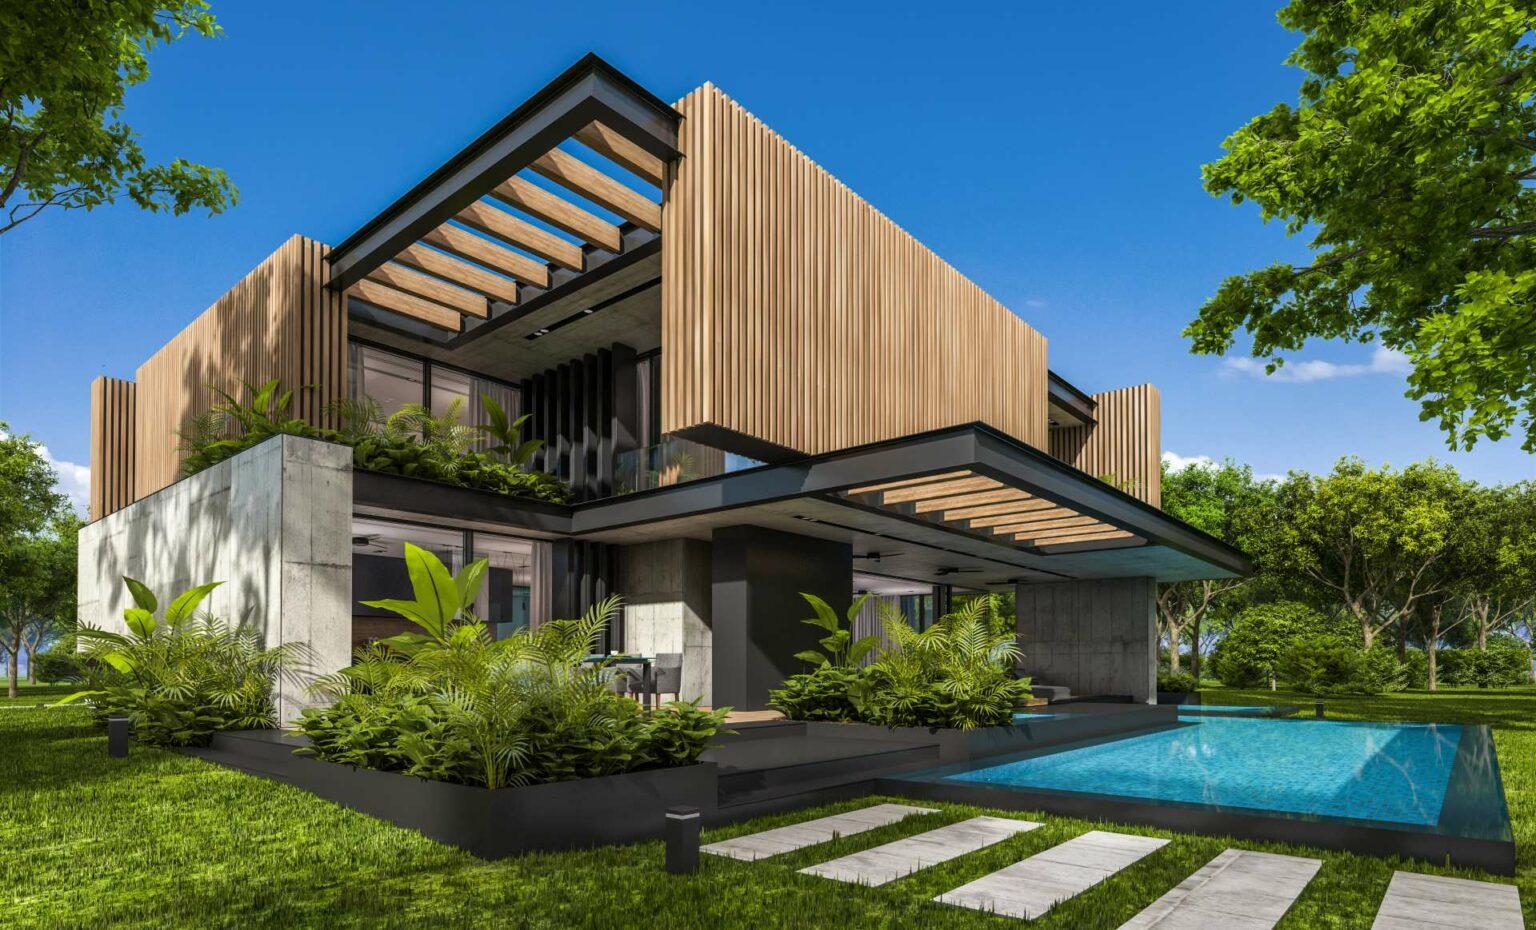 les avantages à construire une maison en bois